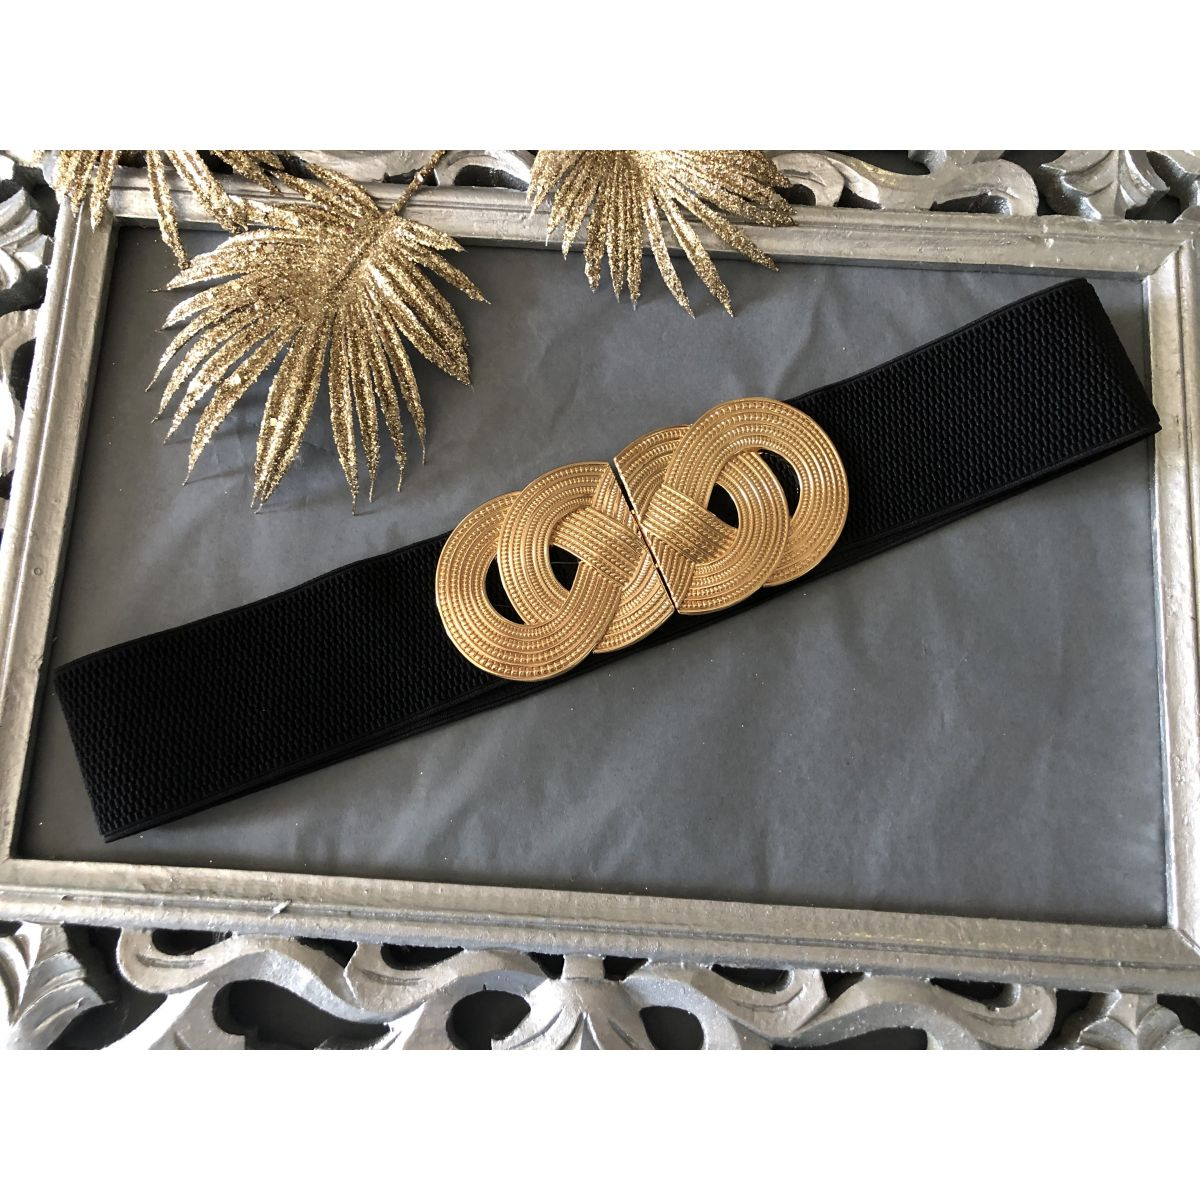 Ceinture noire élastique boucle anneaux gold